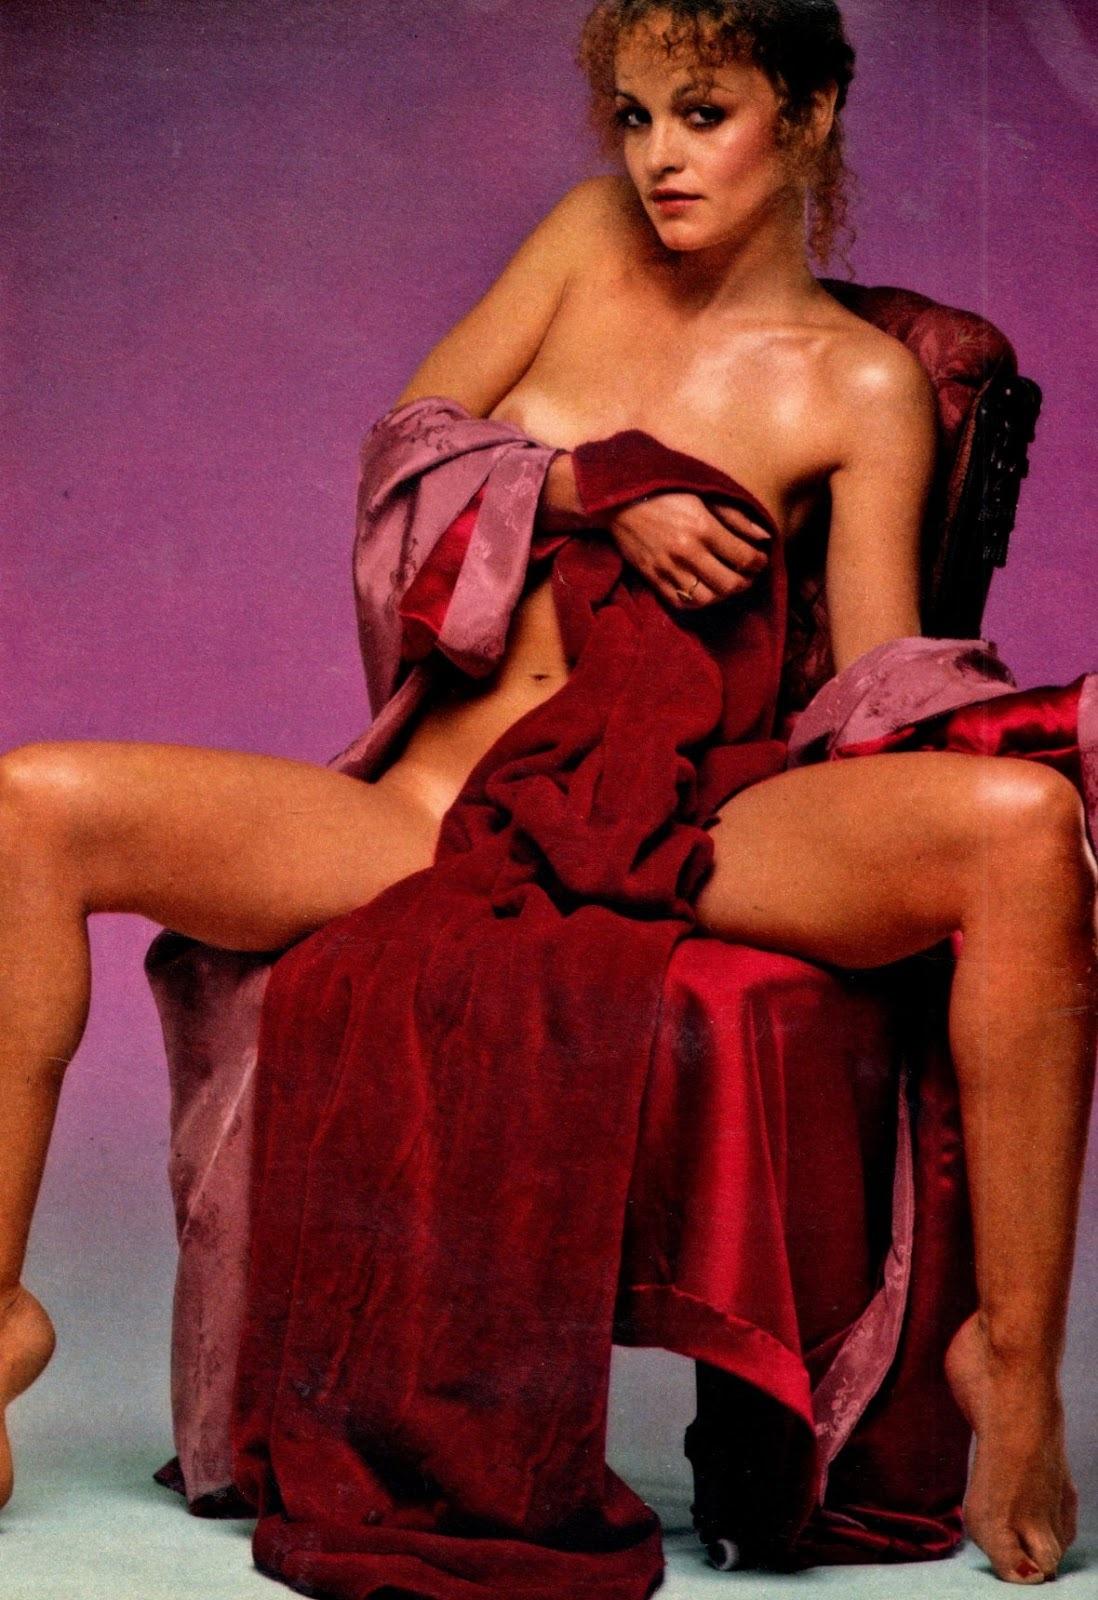 tumblr actress naked